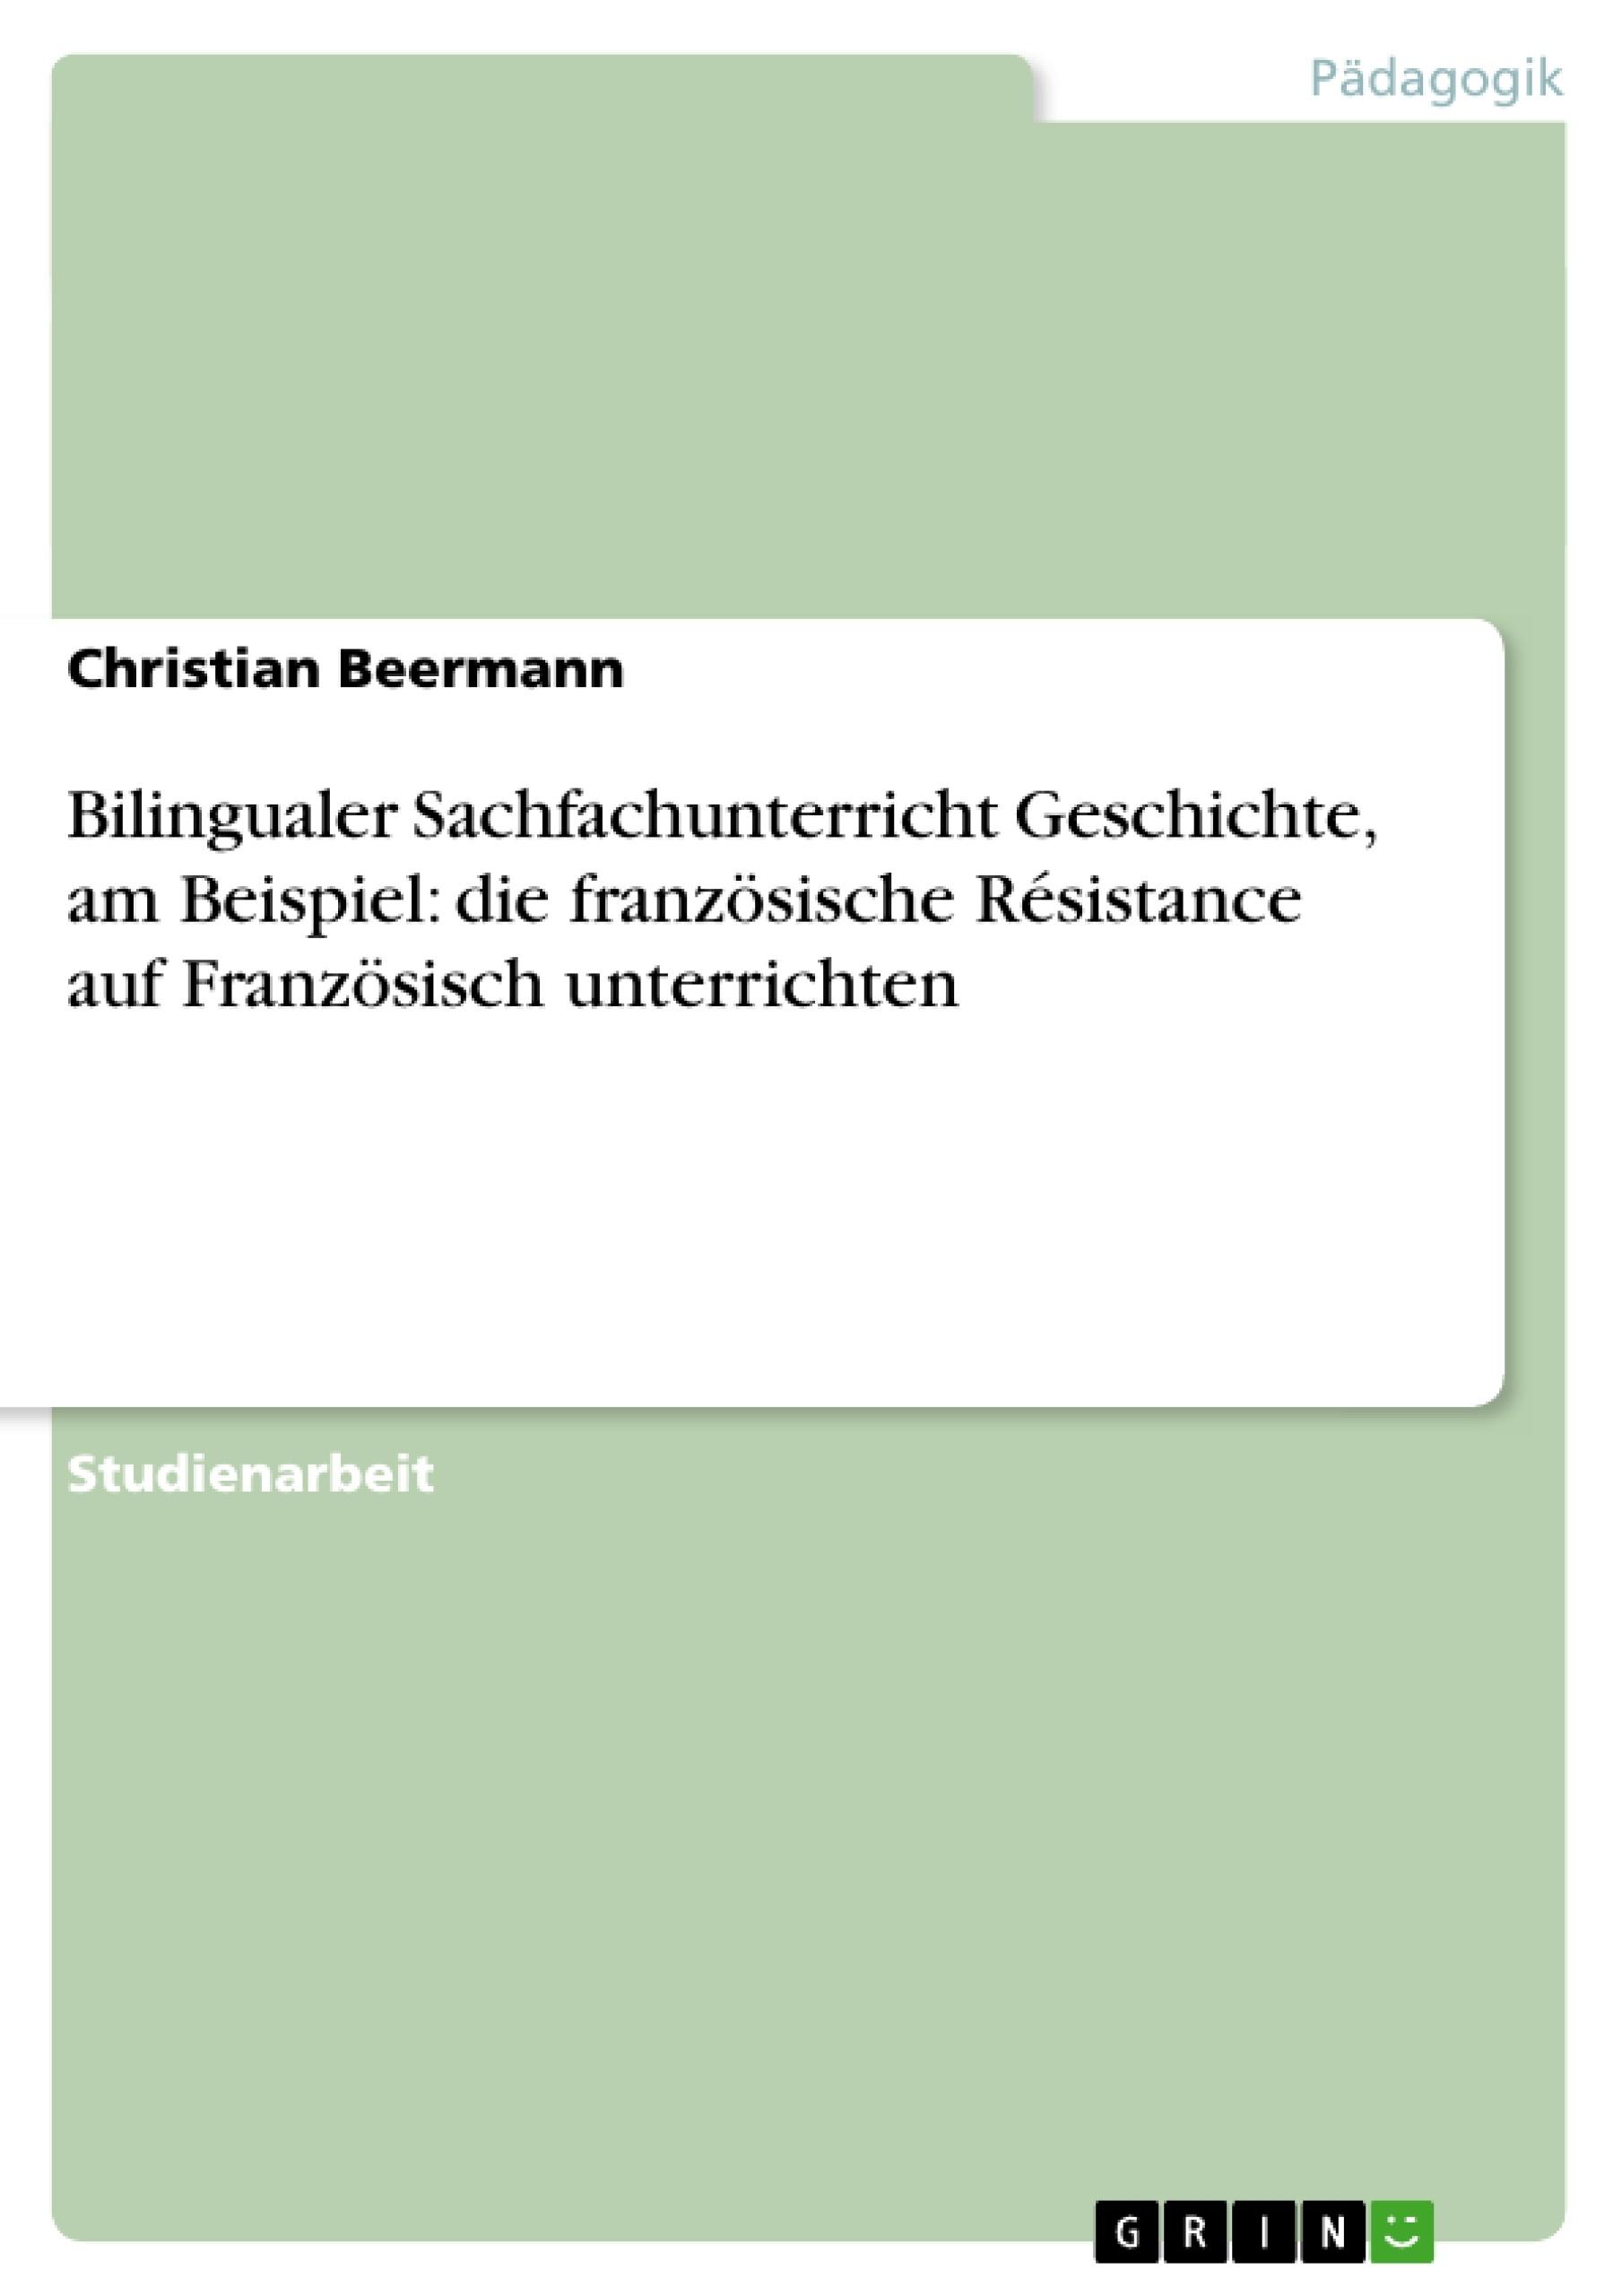 Titel: Bilingualer Sachfachunterricht Geschichte, am Beispiel: die französische Résistance auf Französisch unterrichten